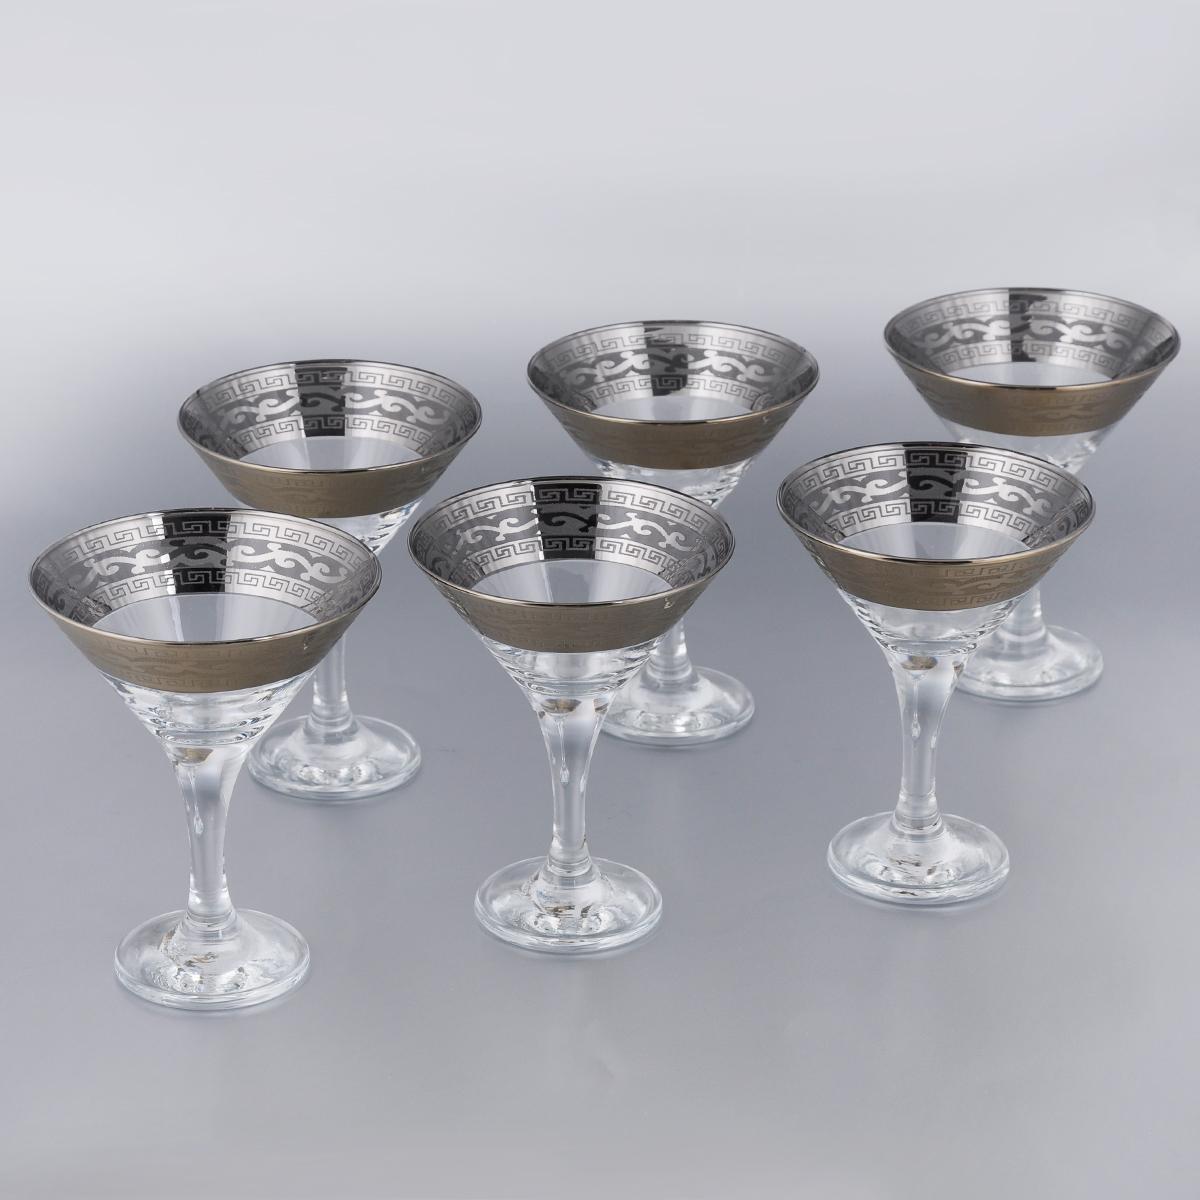 Набор бокалов для мартини Гусь-Хрустальный Версаче, 170 мл, 6 шт набор бокалов для бренди гусь хрустальный нежность 410 мл 6 шт